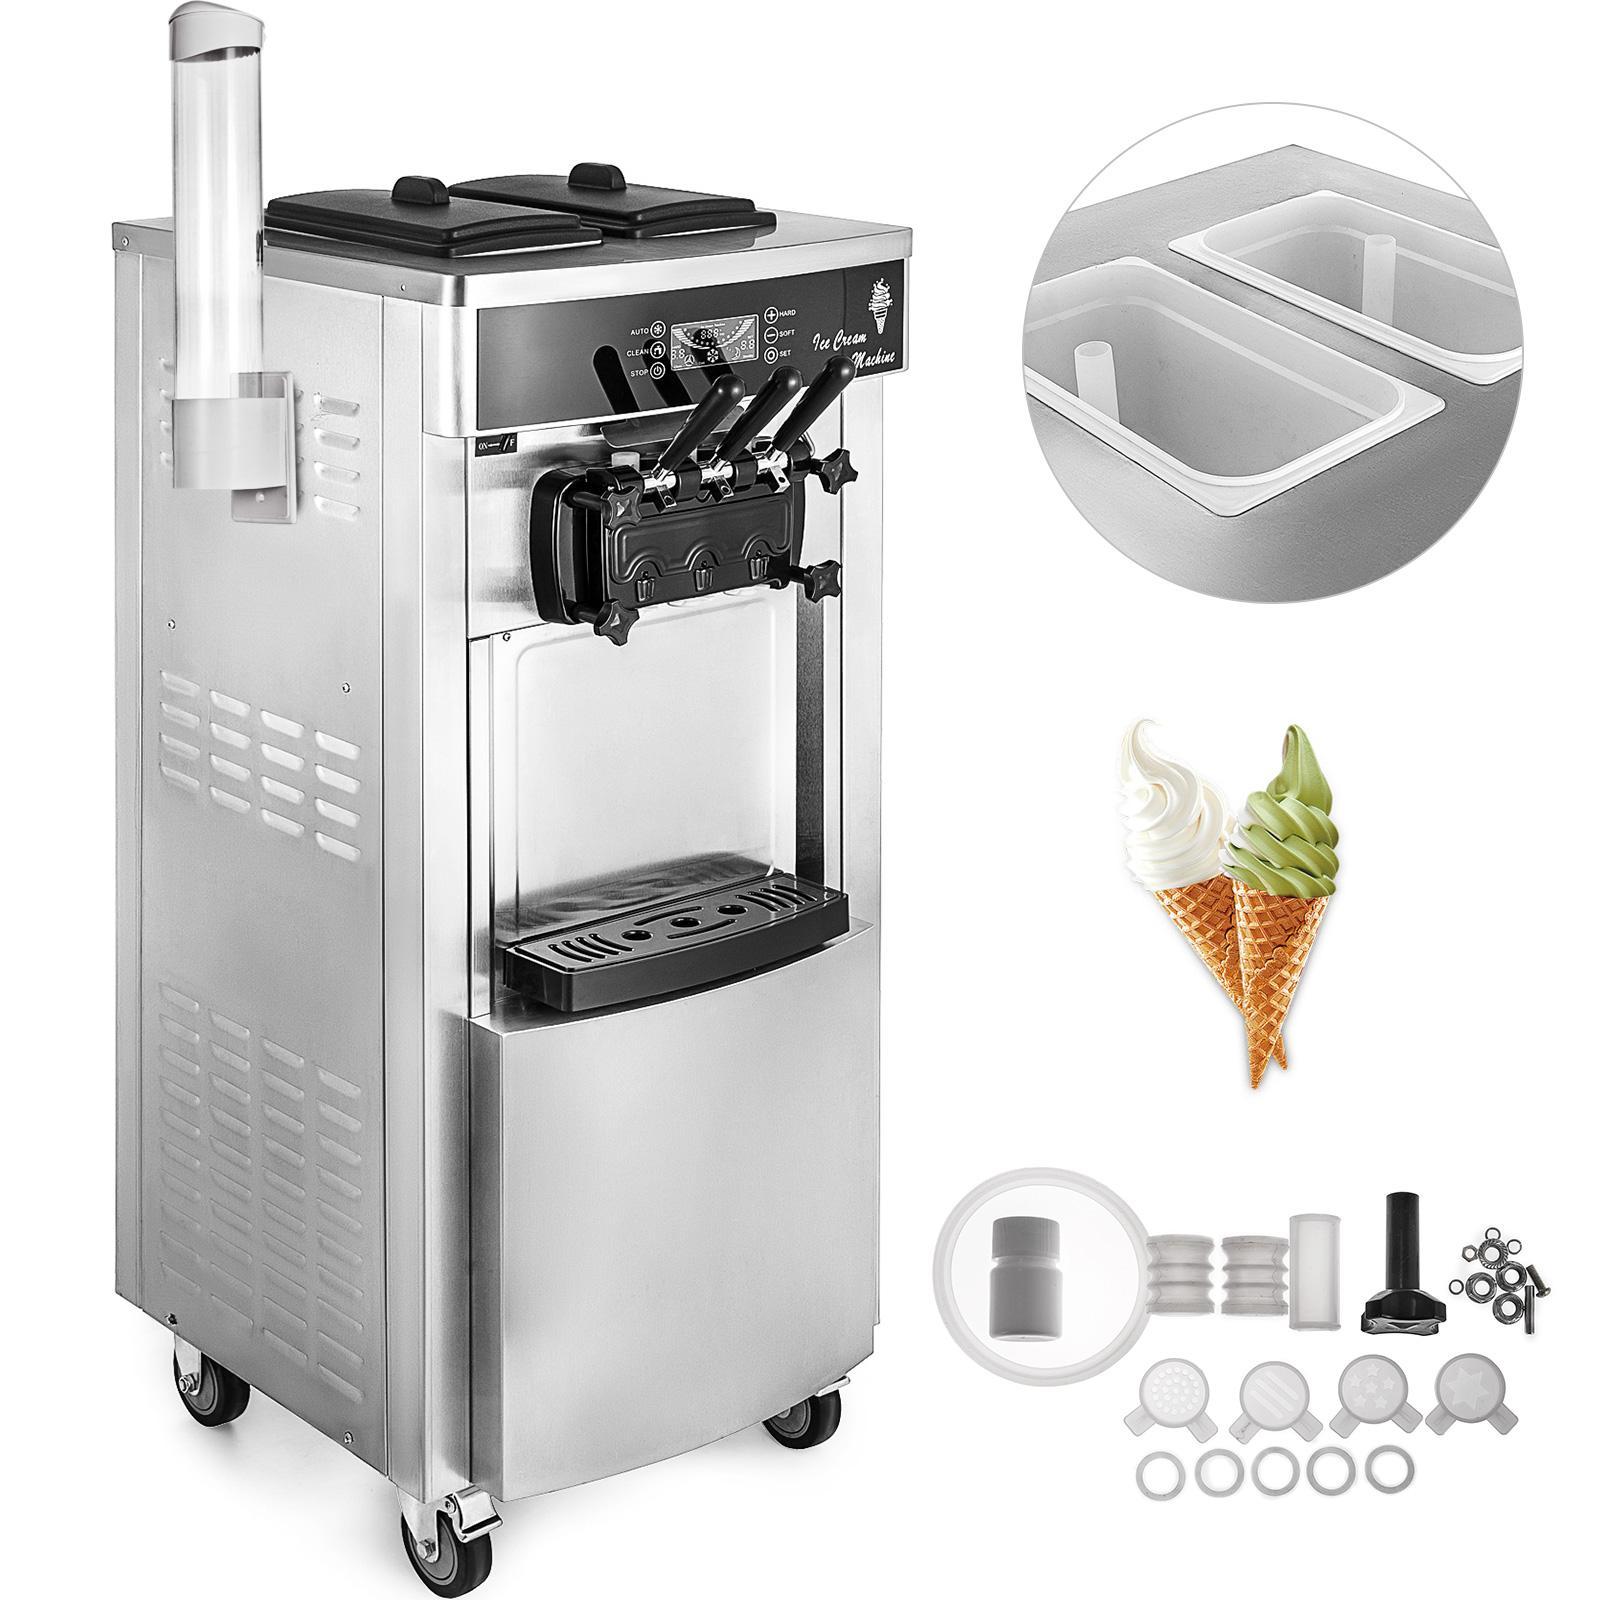 Máquina de sorvete macia servir iogurte fabricante 3 sabores frigorífico para fazer sorvete elétrico 5.3-7.4 galões por hora comercial AOTU Máquinas de sorvete